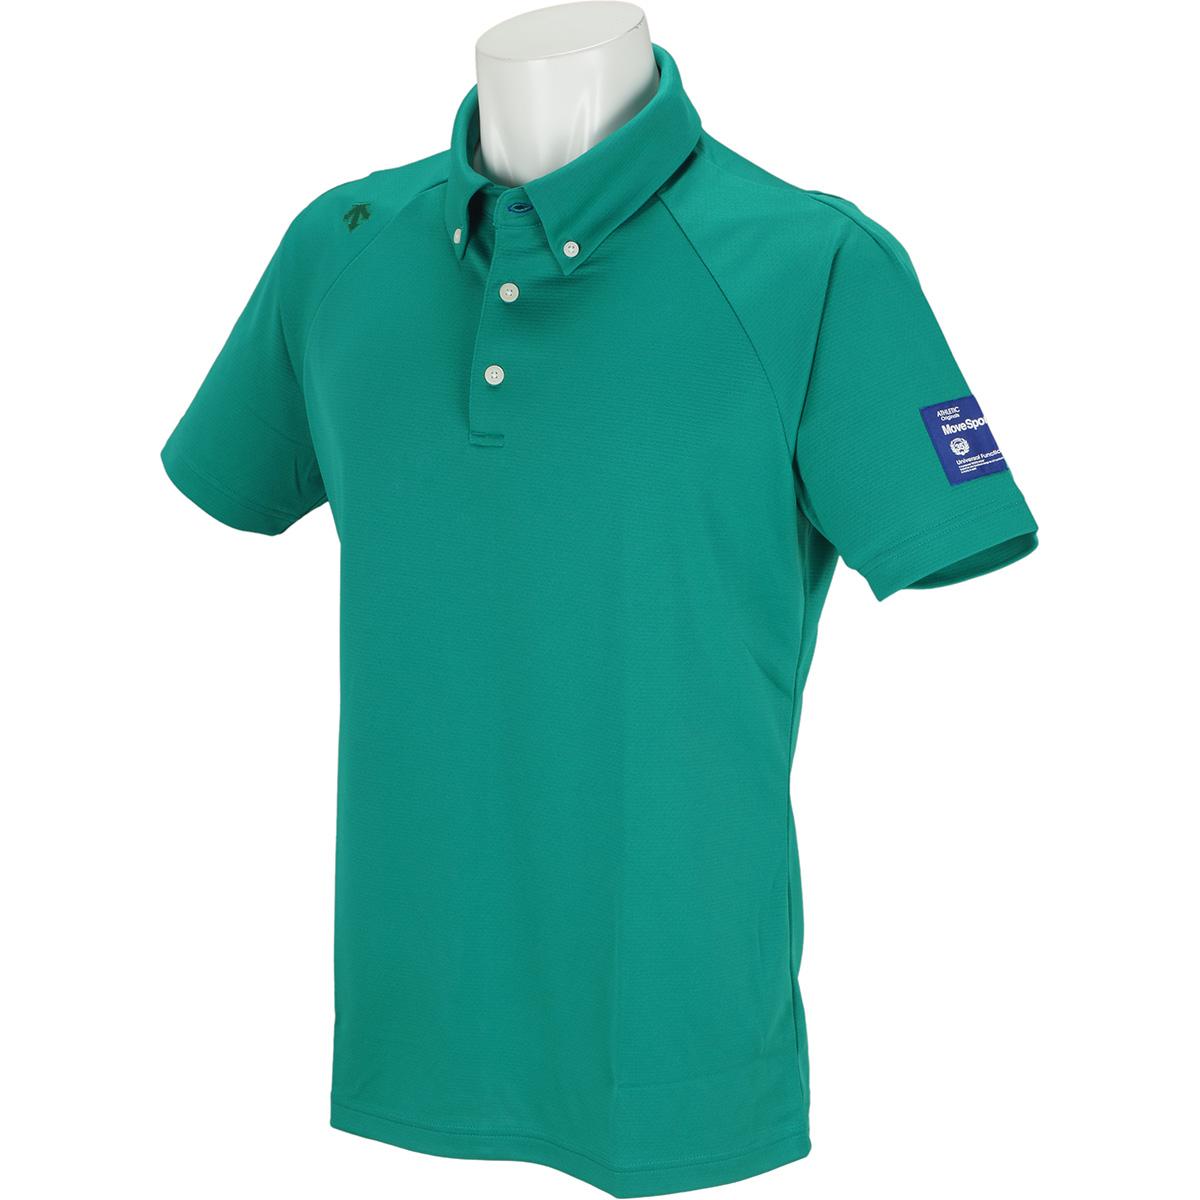 シャドーボーダー ボタンダウン半袖ポロシャツ